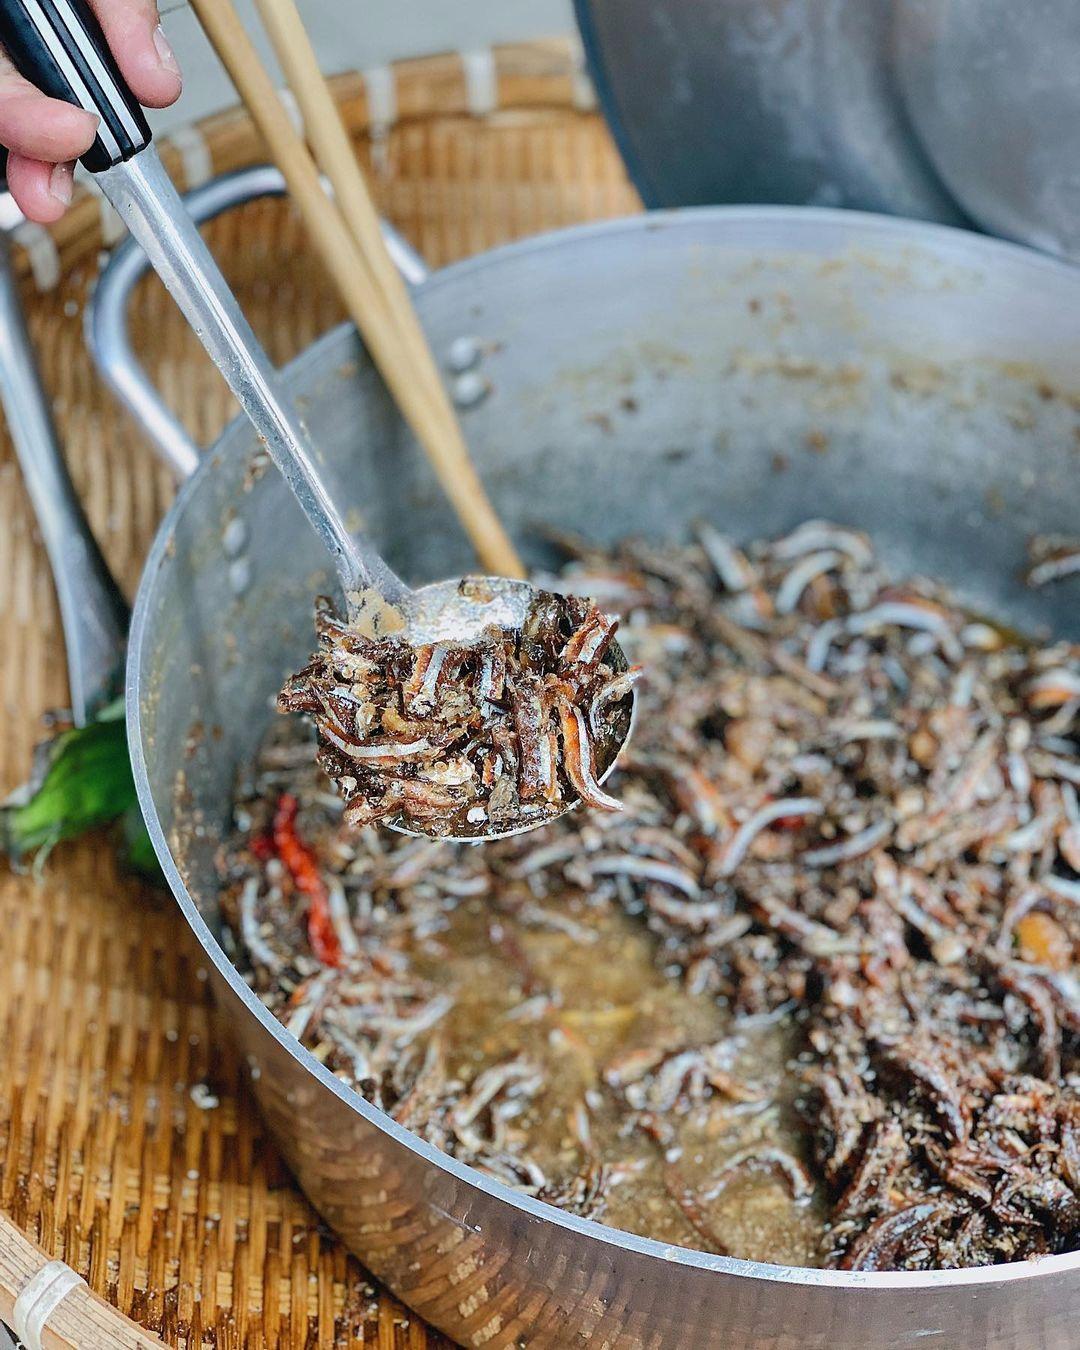 Món xôi nóng hổi ăn kèm của lạ, giá bình dân chỉ hơn cốc trà ở Nha Trang - 5